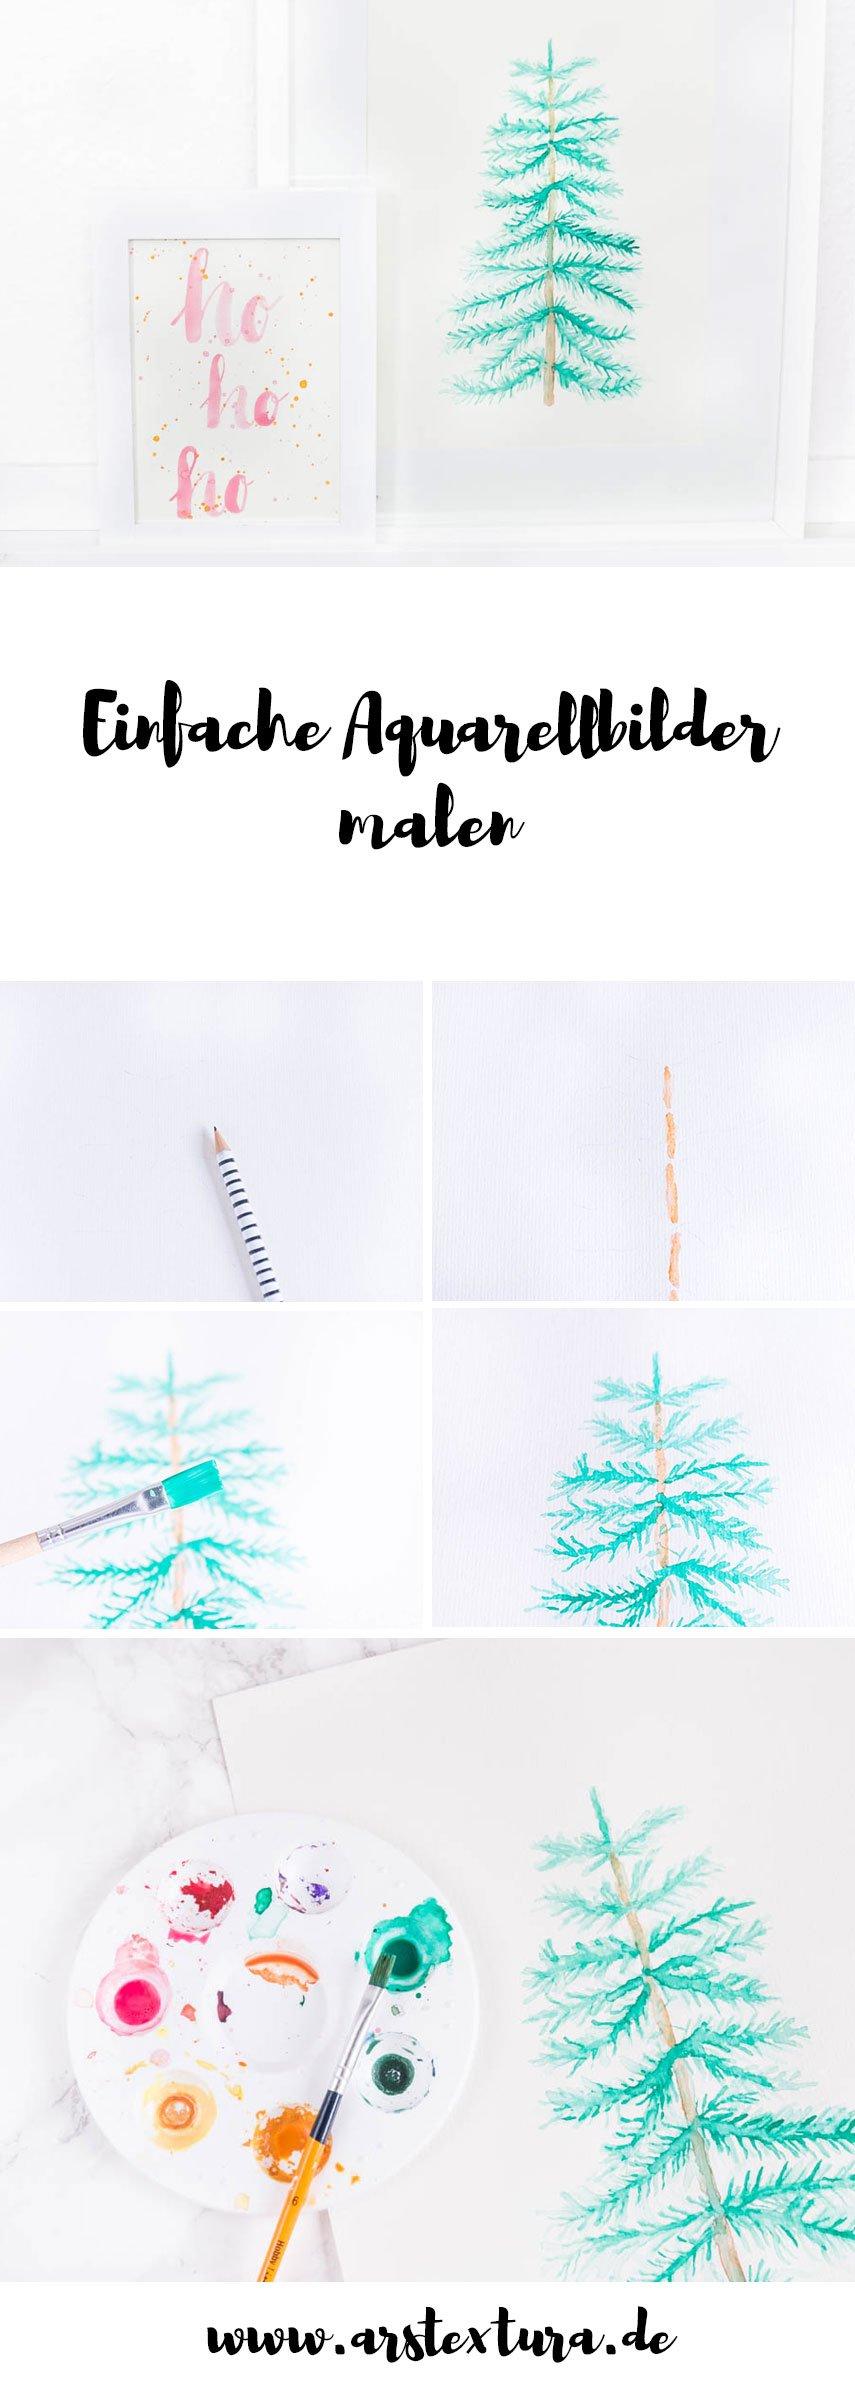 Aquarellbilder malen mit Anleitung - weihnachtliche Aquarellbilder